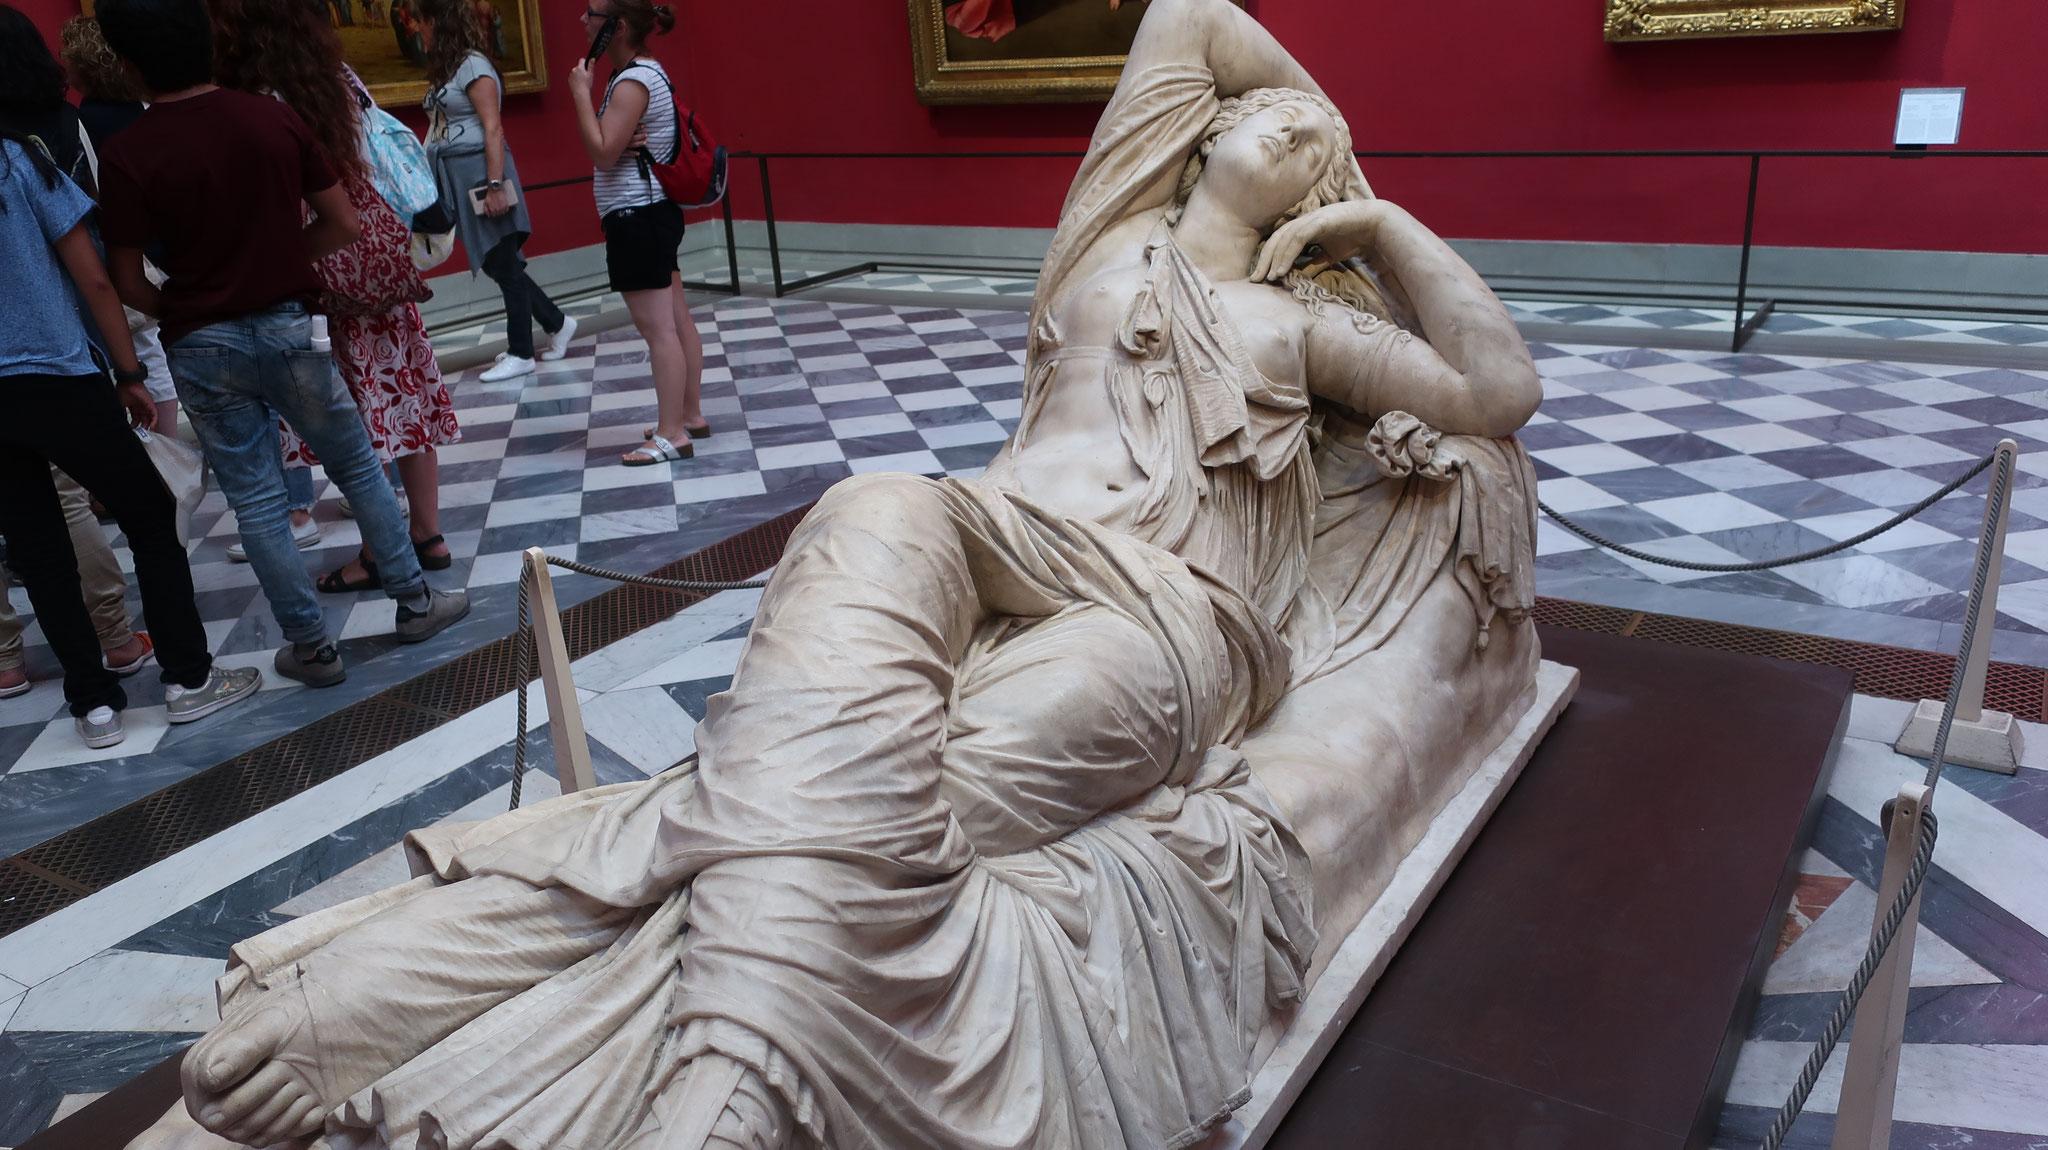 「眠れるアリアドネ」。紀元前3世紀(ヘレニズム時代)の作品を、2世紀(ローマ帝国時代)にコピーしたもの。